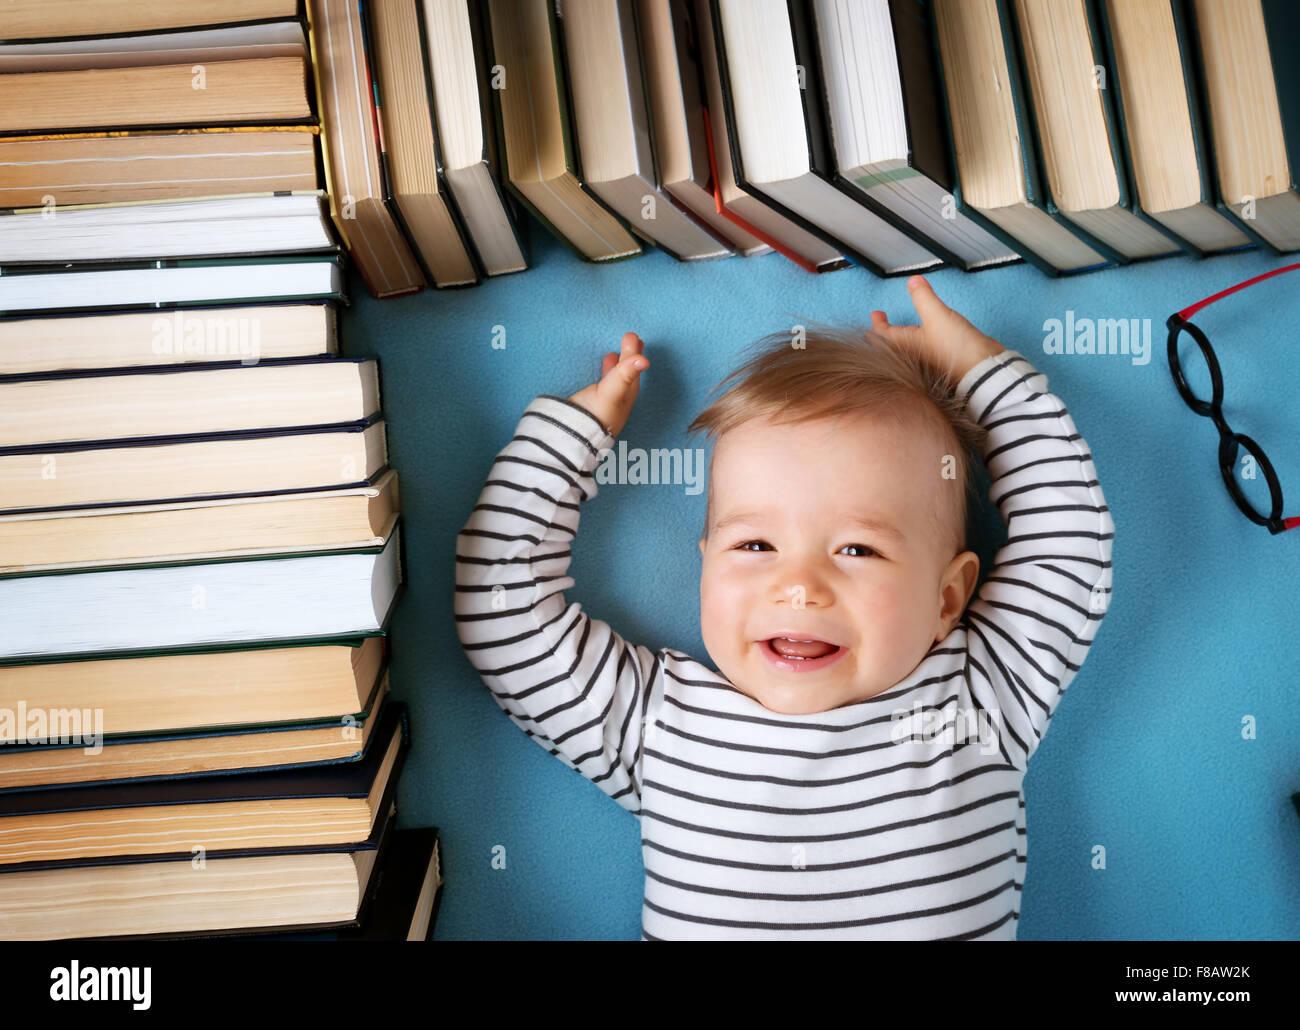 Bebé de Un año de edad con spectackles y libros Imagen De Stock